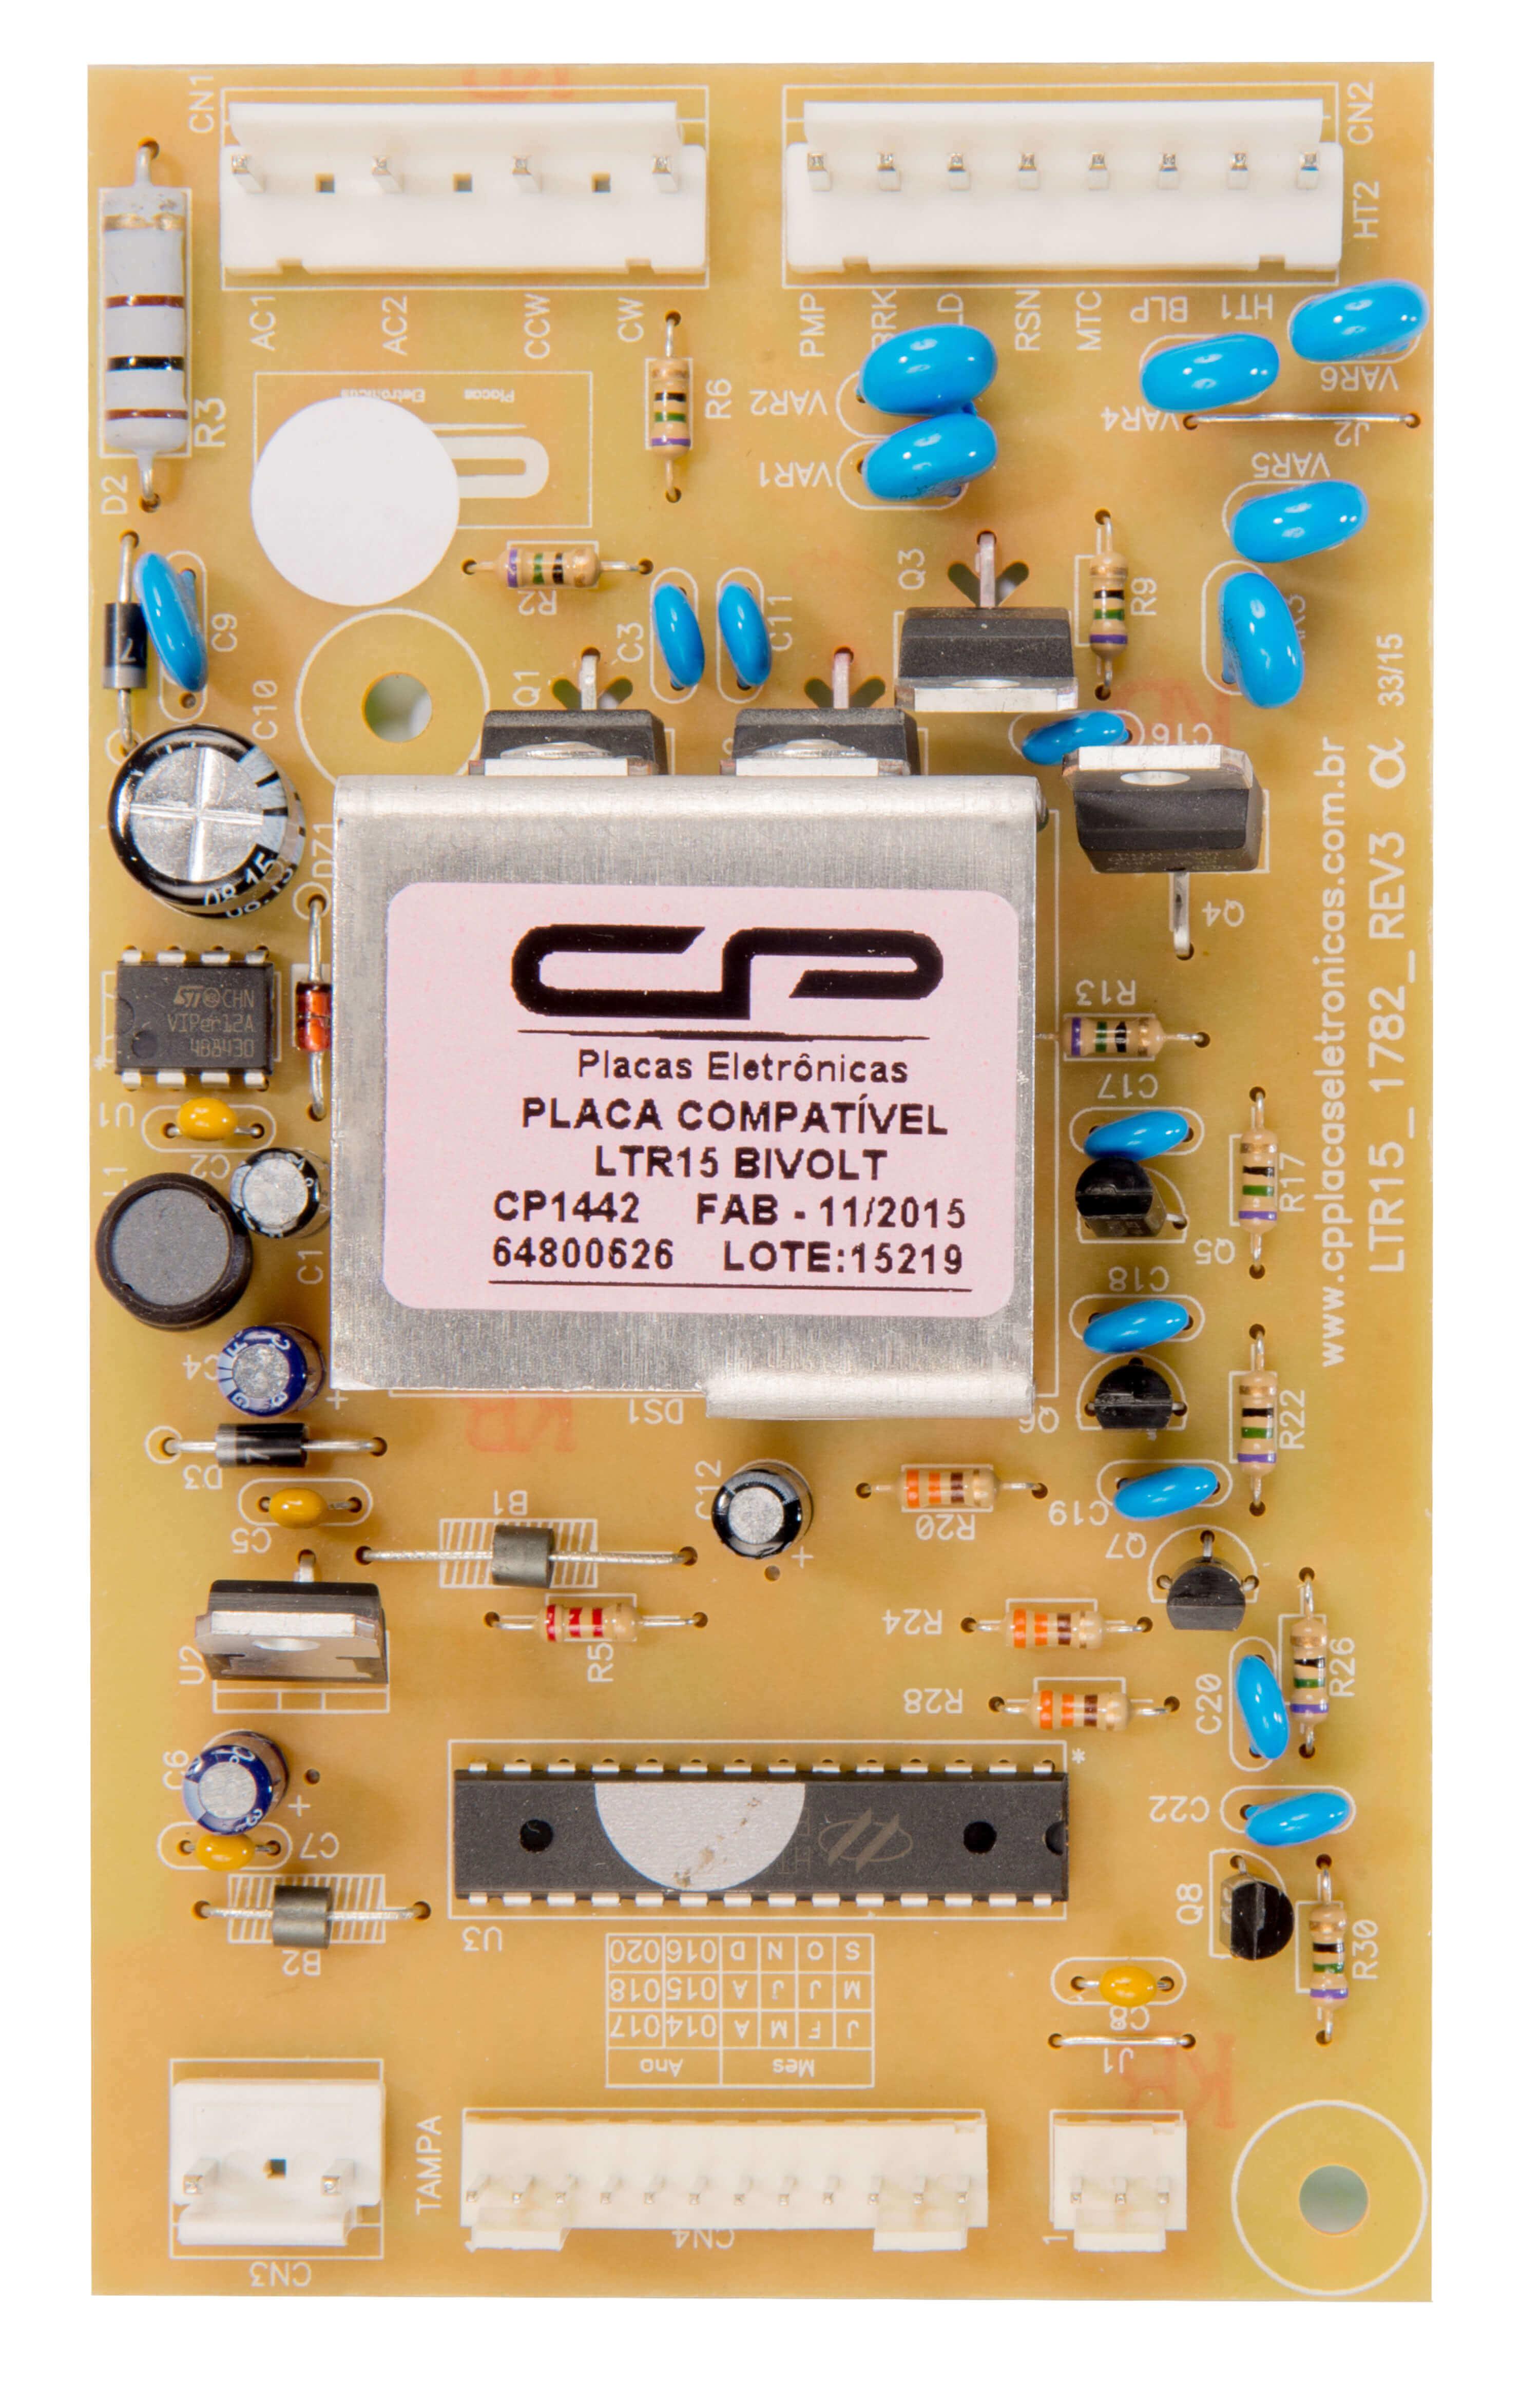 CP 1442 - Placa potência compatível LTR15 bivolt